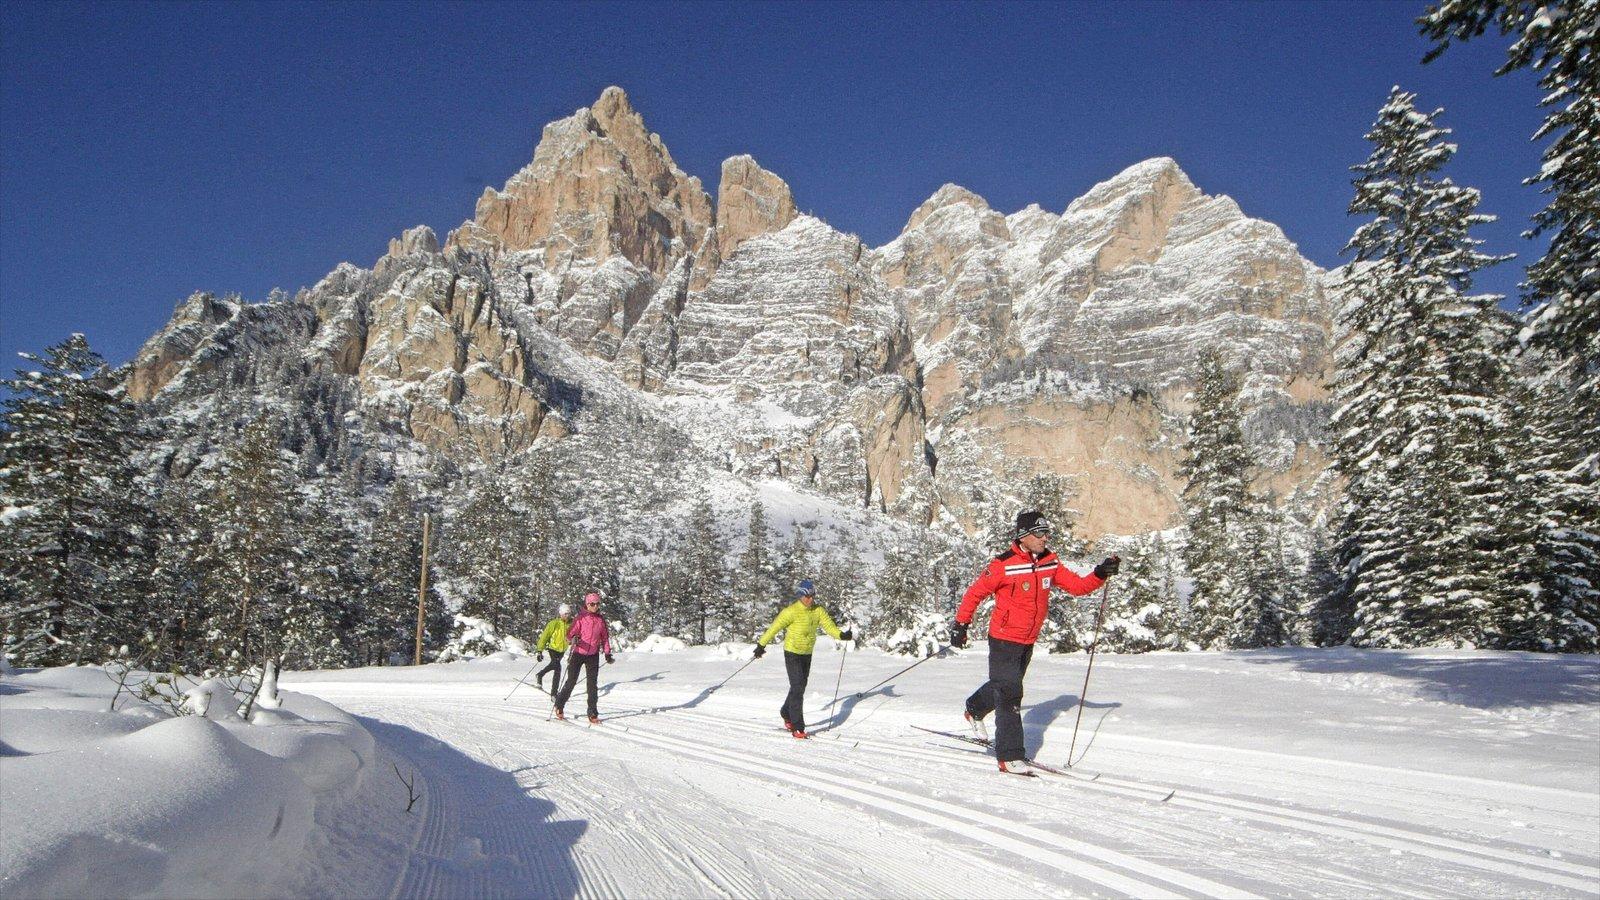 Alta Badia caracterizando esqui na neve, neve e montanhas